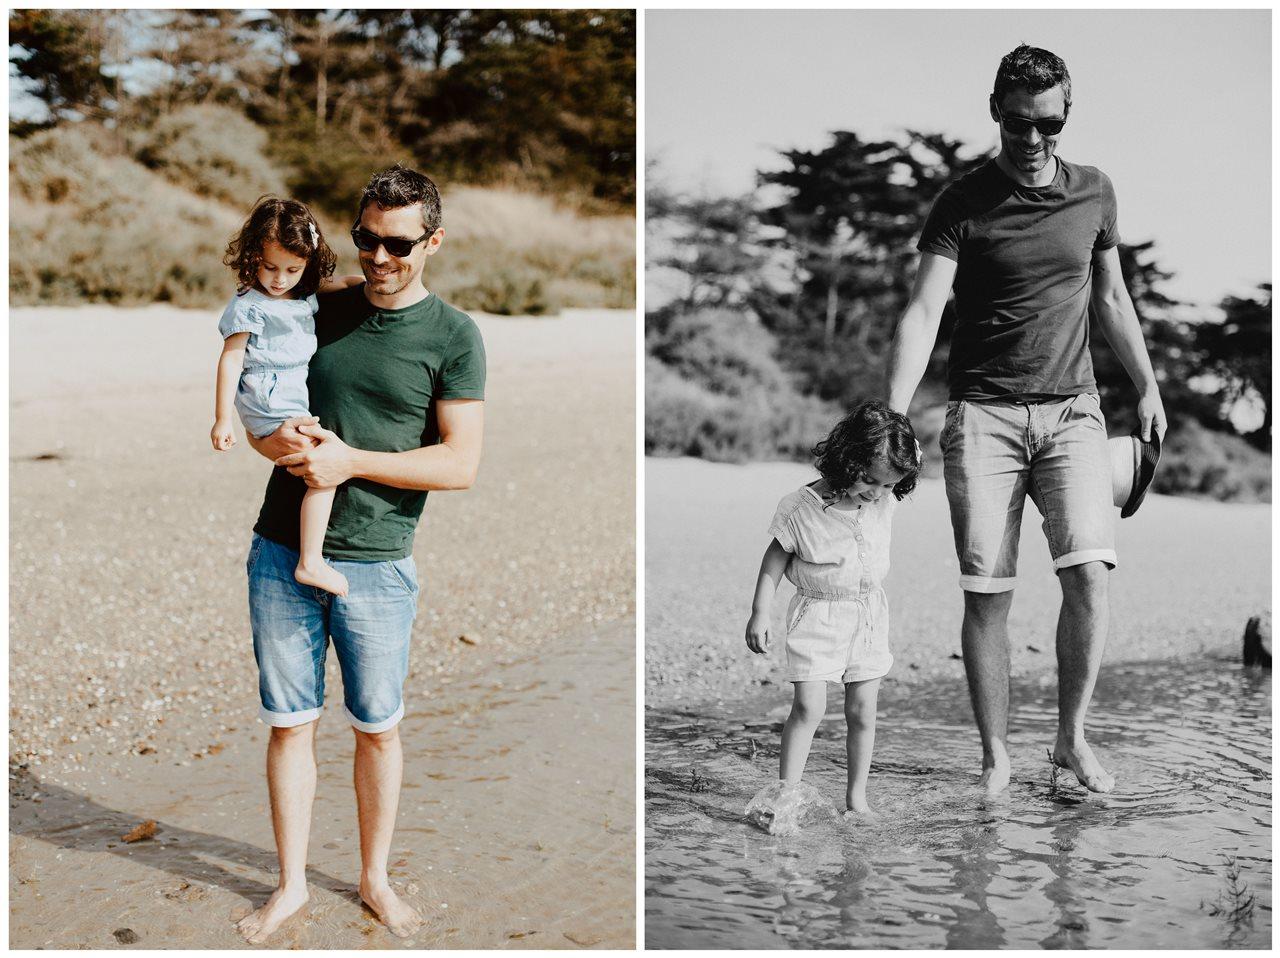 séance-photo-famille-Pen-Bron-portrait-papa-petite-fille-mer